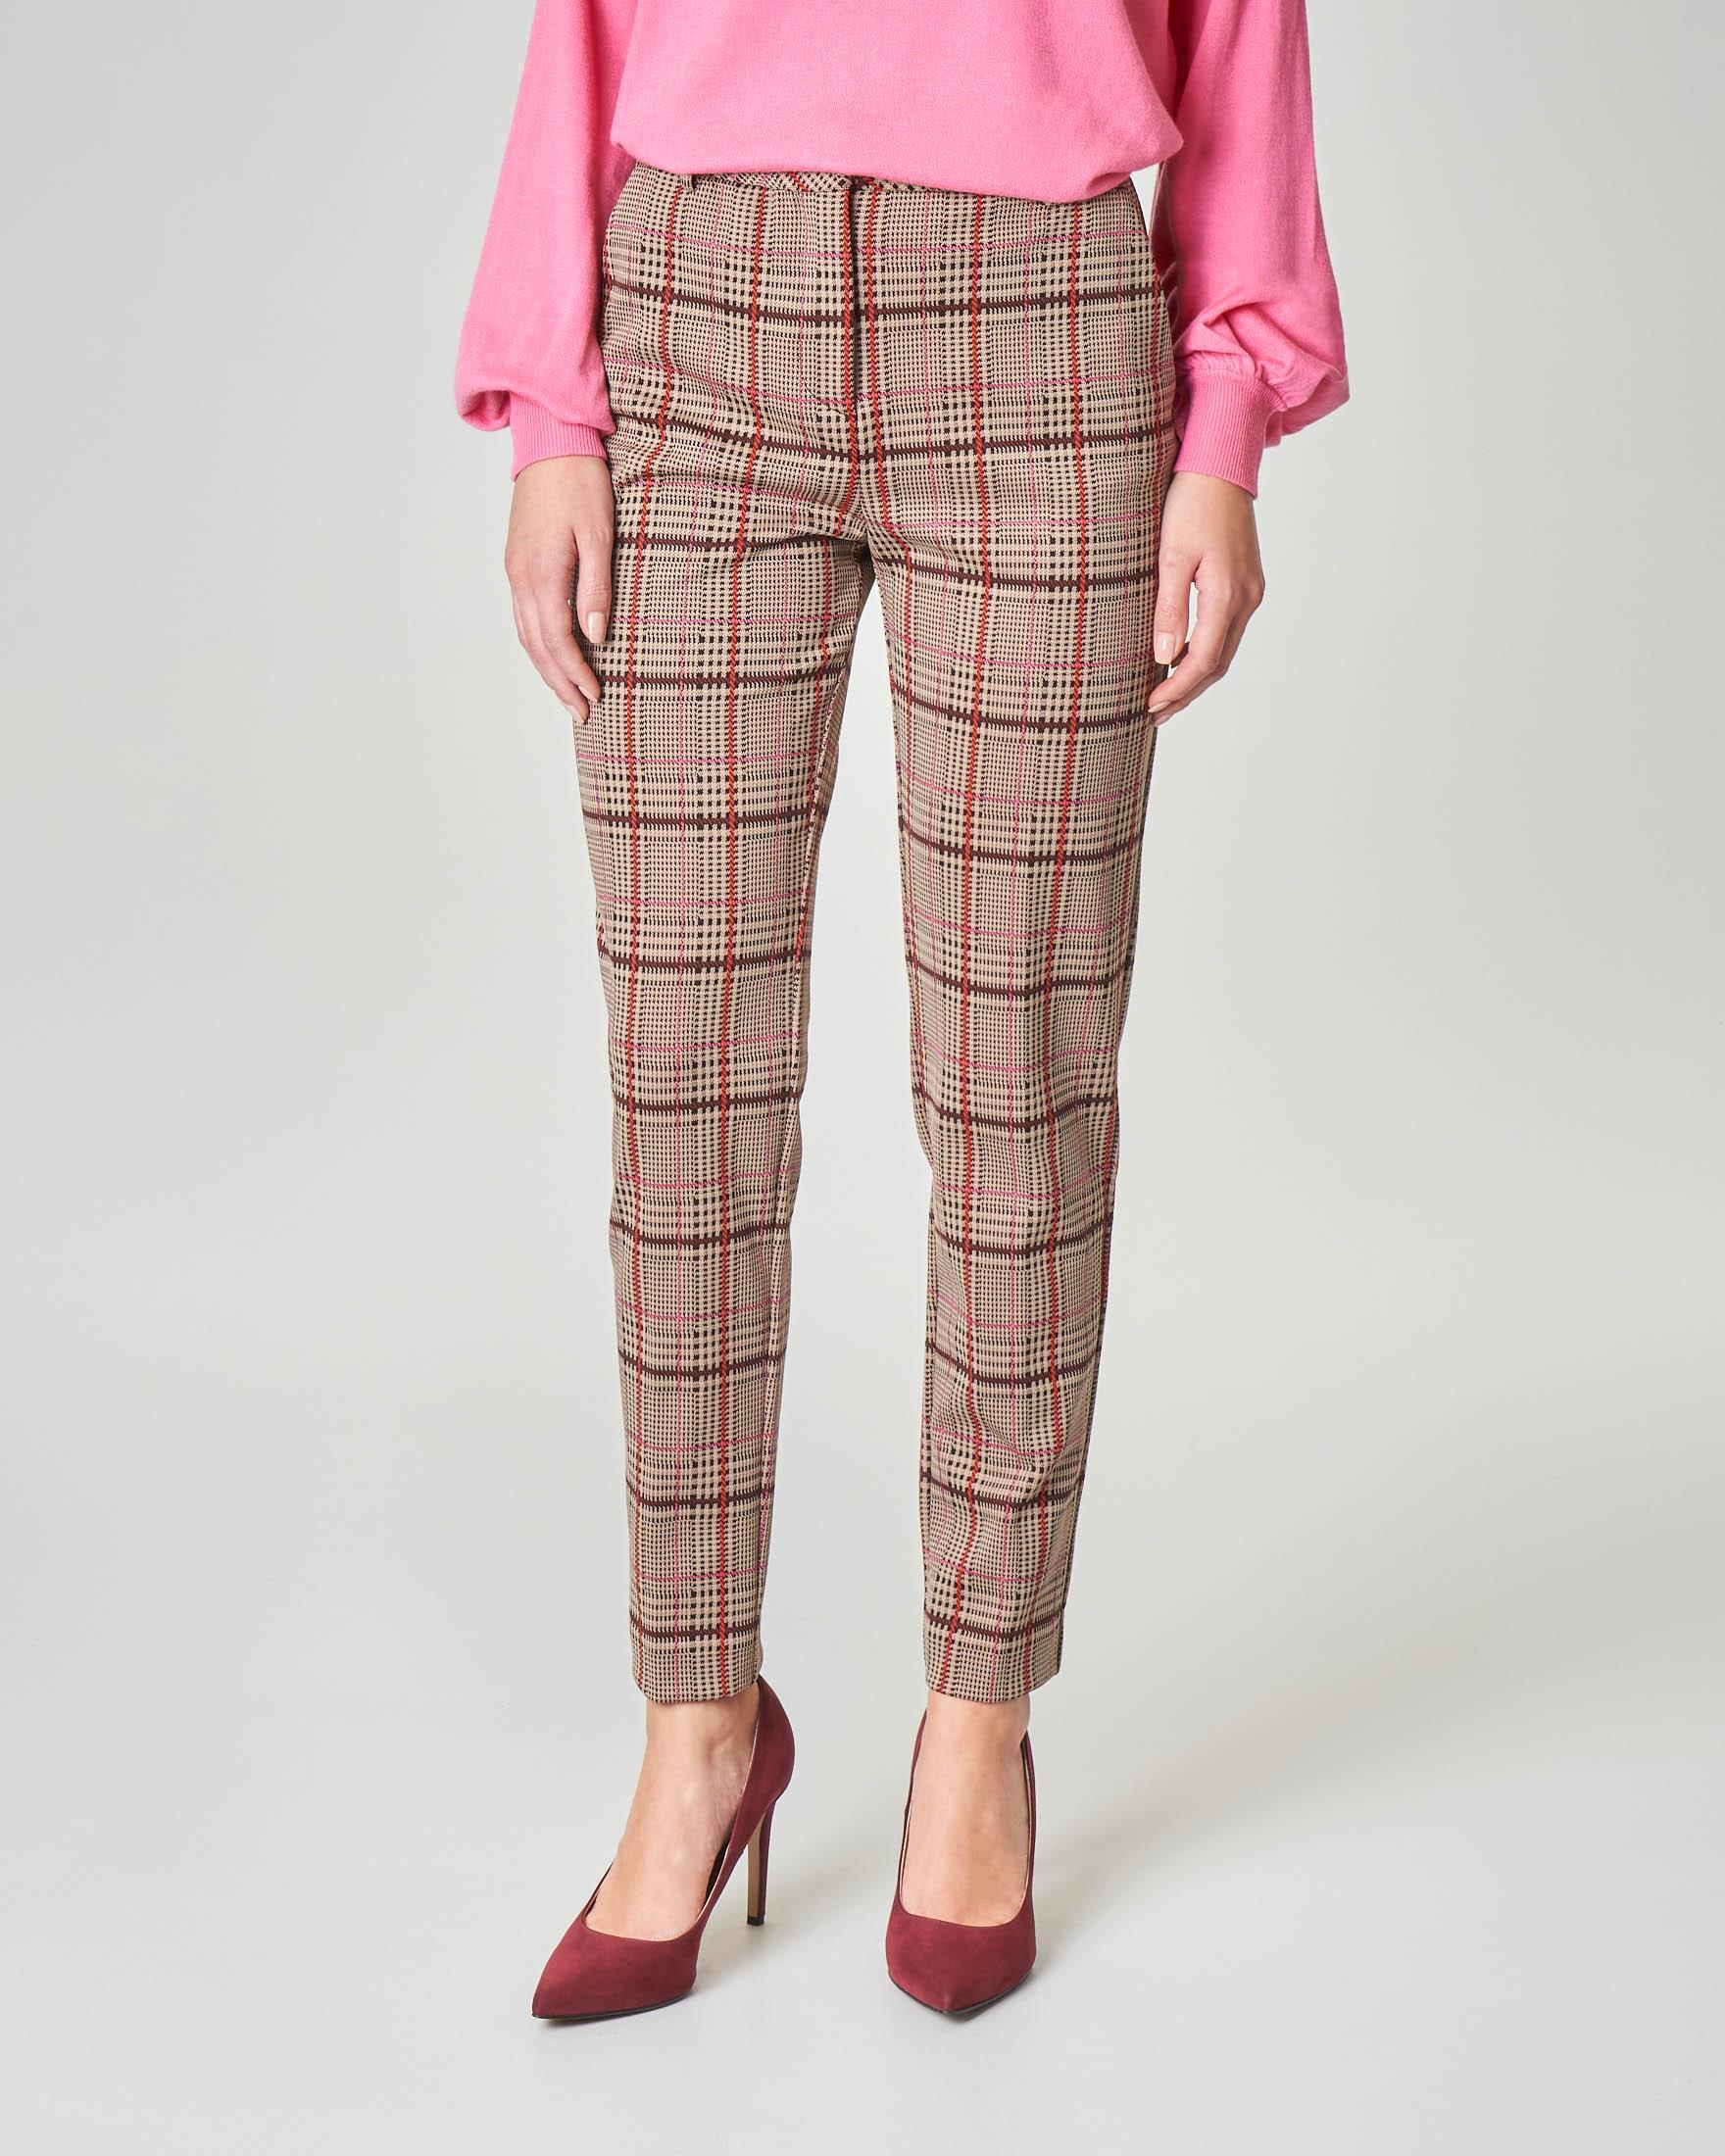 Pantaloni dritti cammello a fantasia principe di Galles multicolor